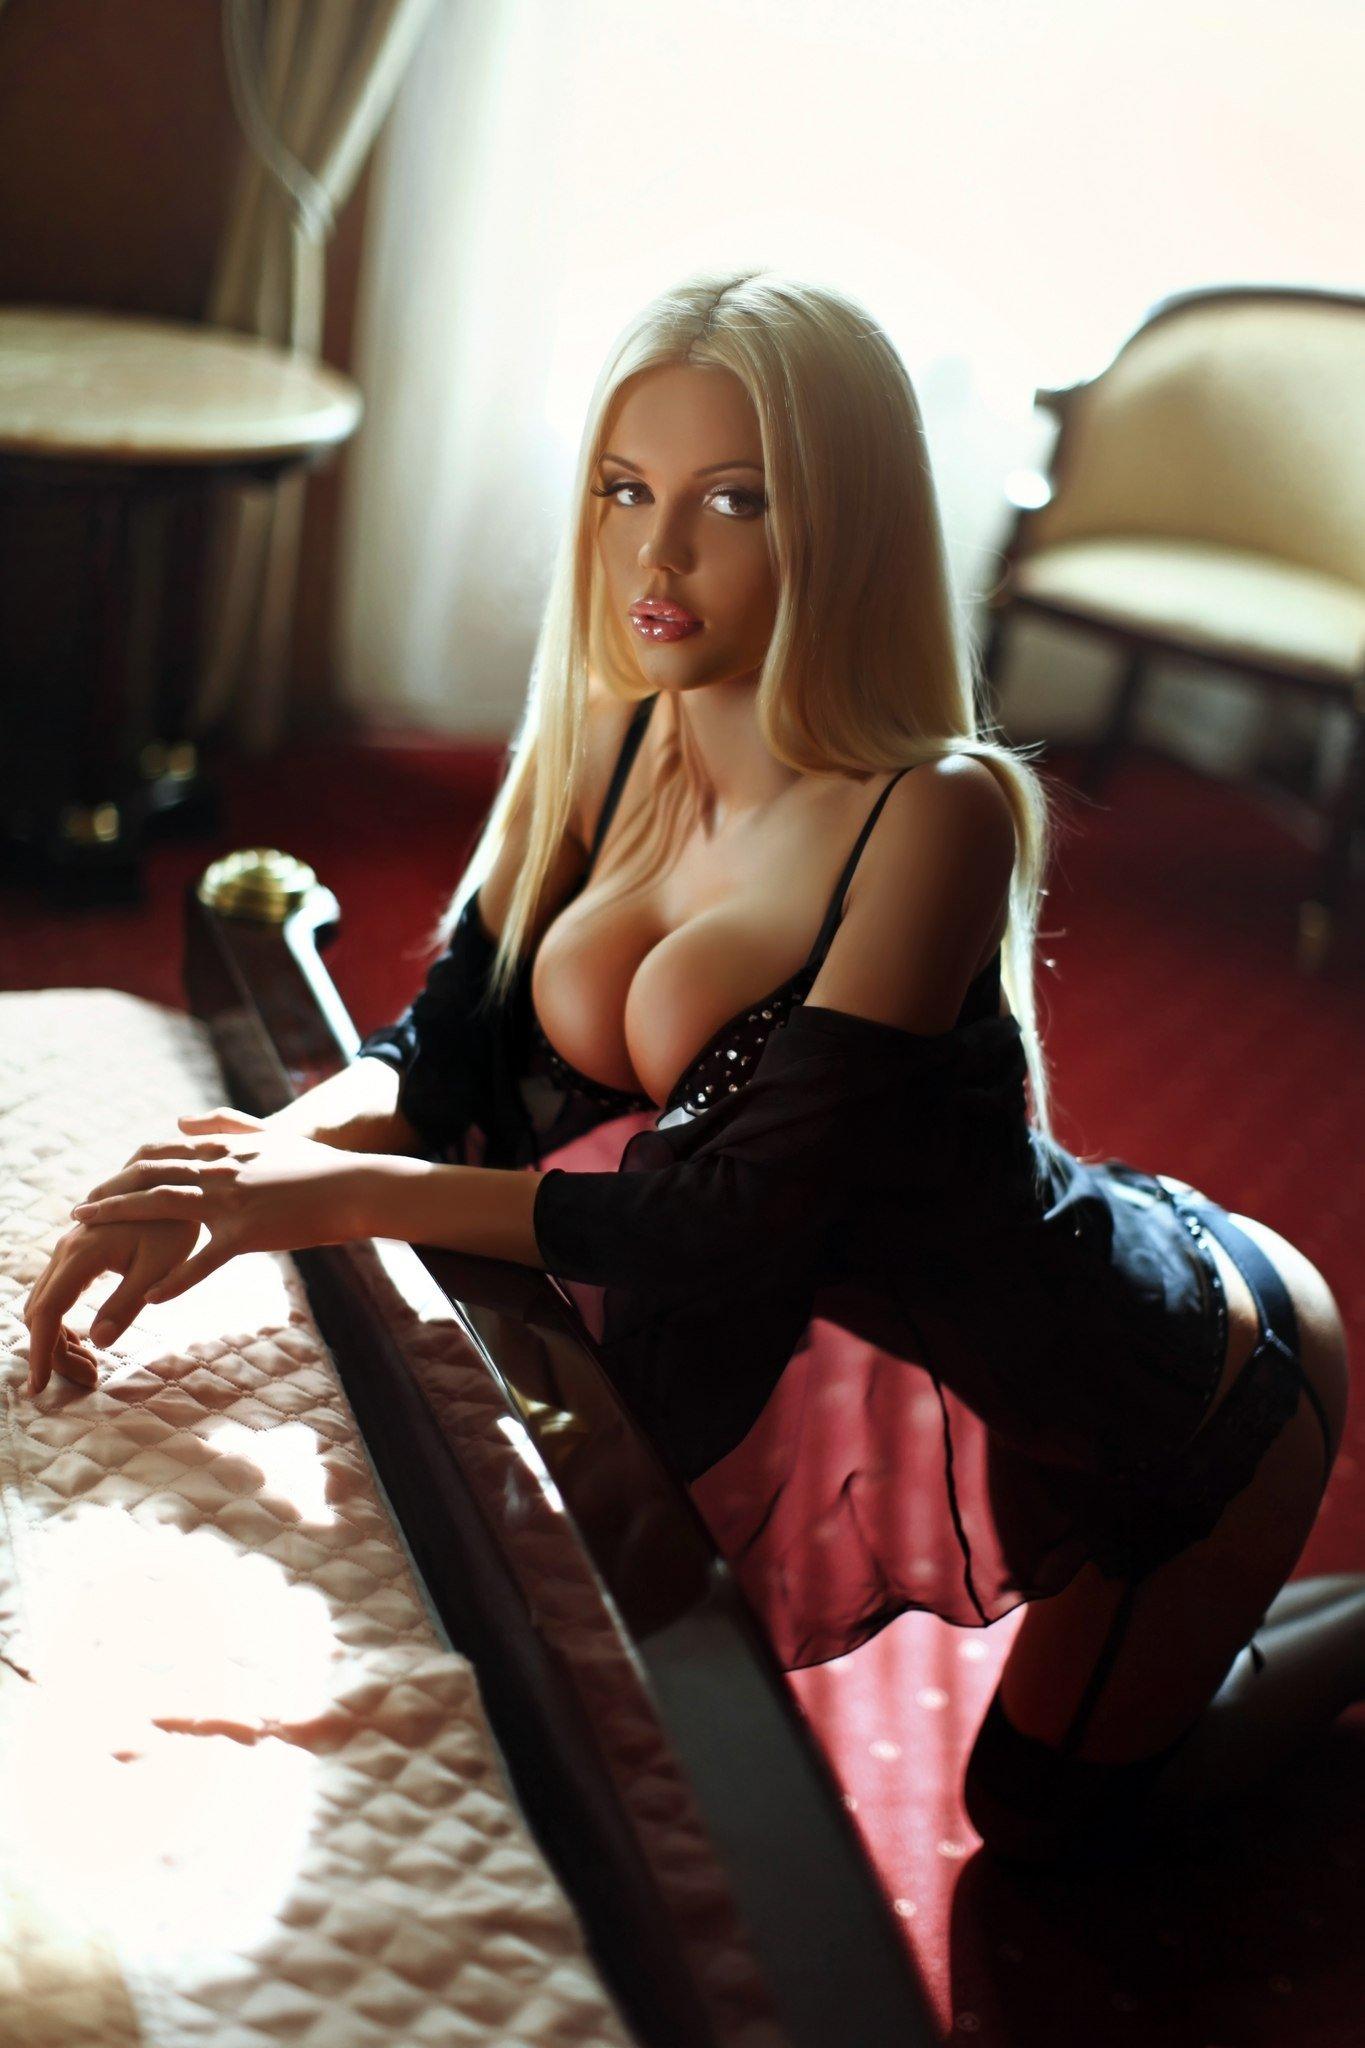 Секс в безумно красивой девушкой 11 фотография